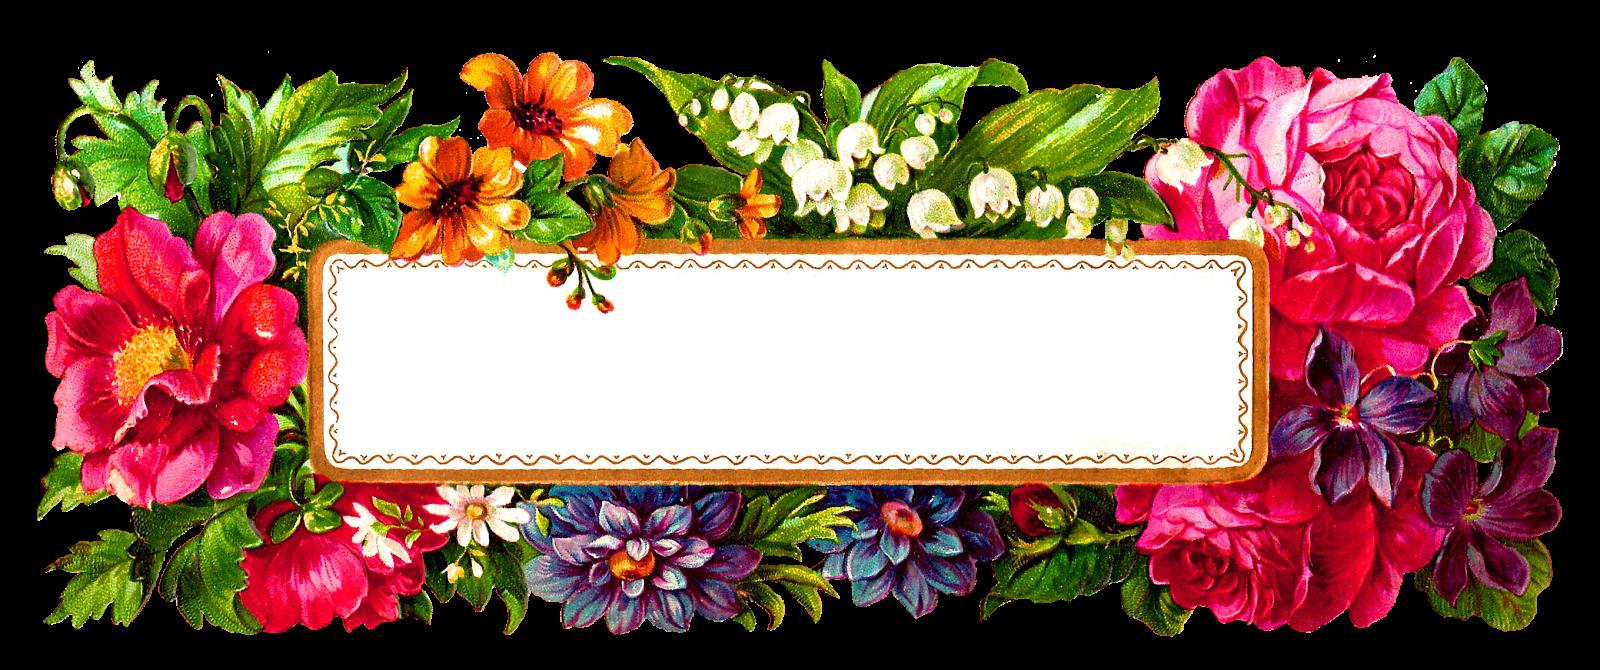 Antique images february flower. Label clipart digital frame